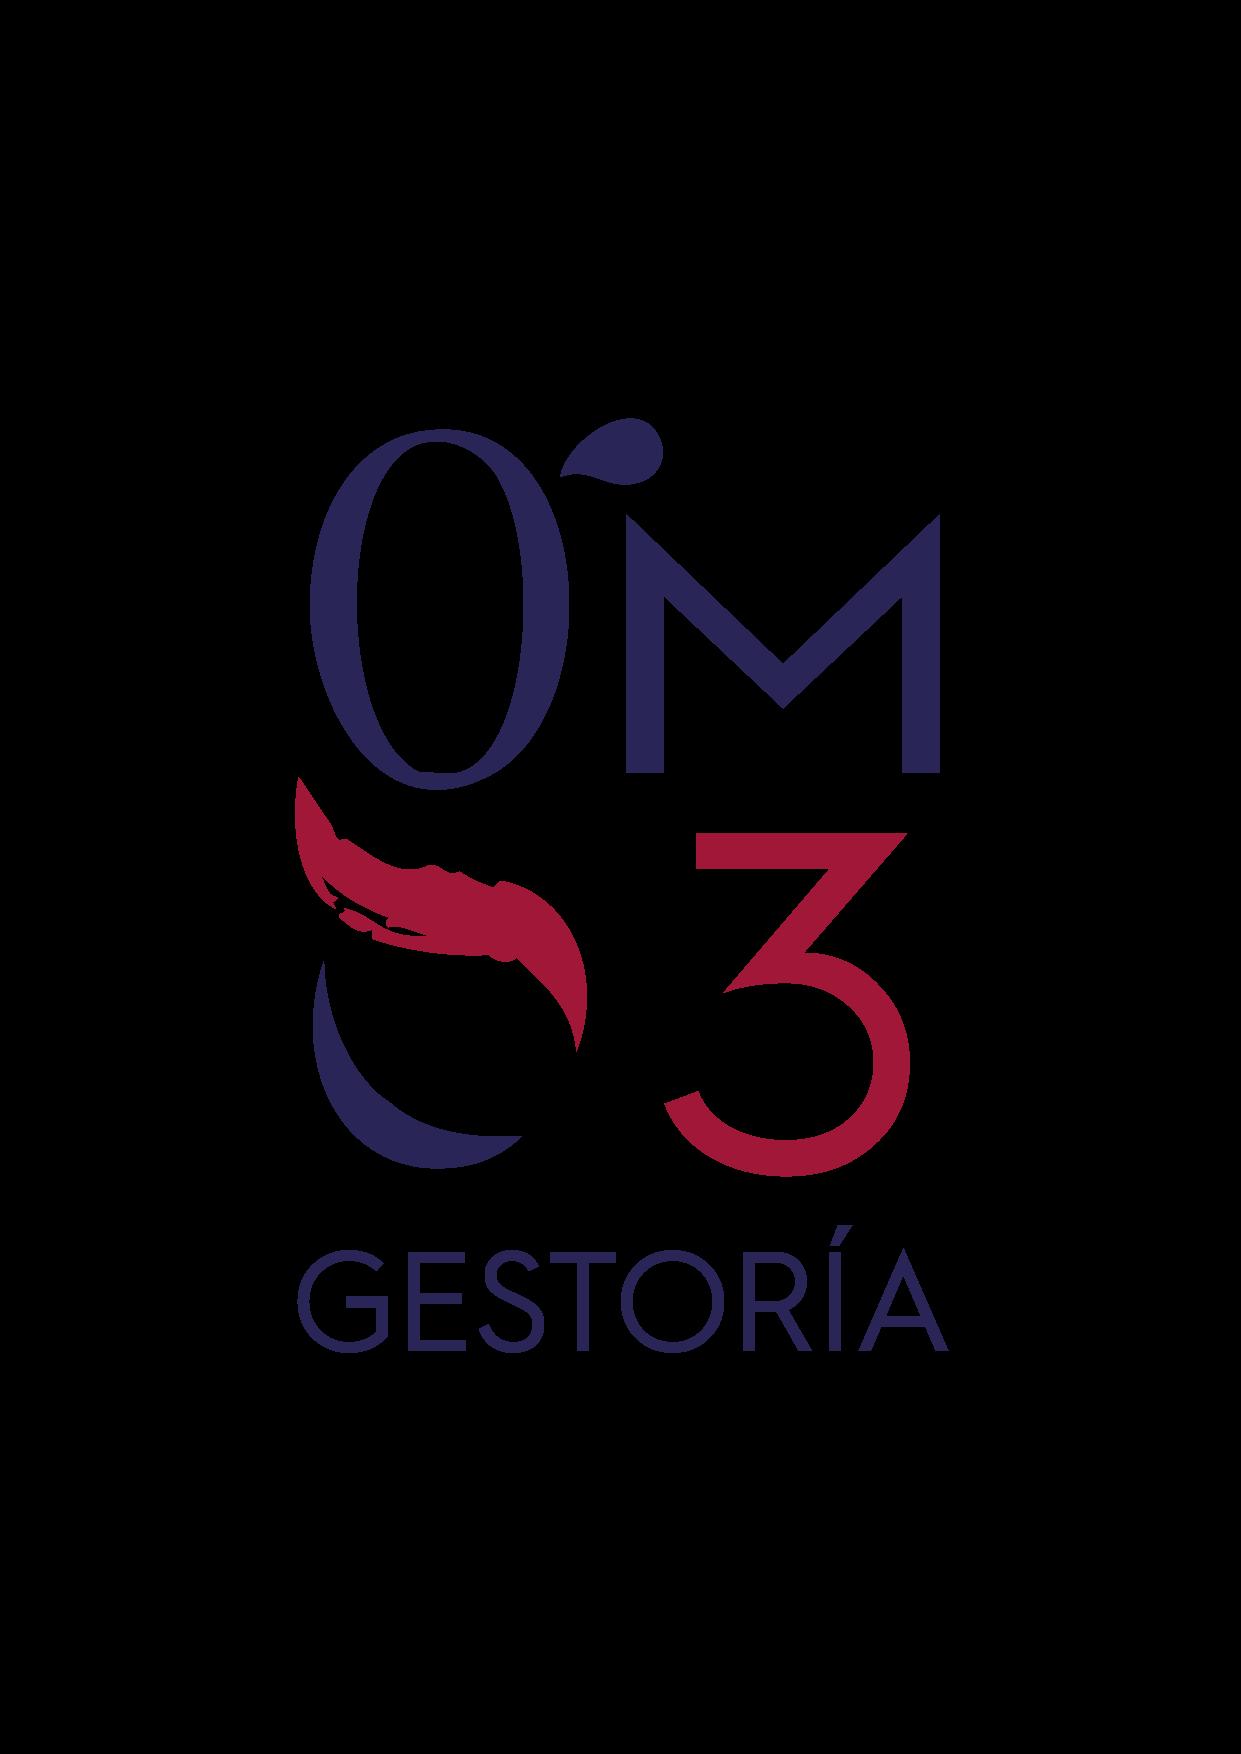 Gestoria m3